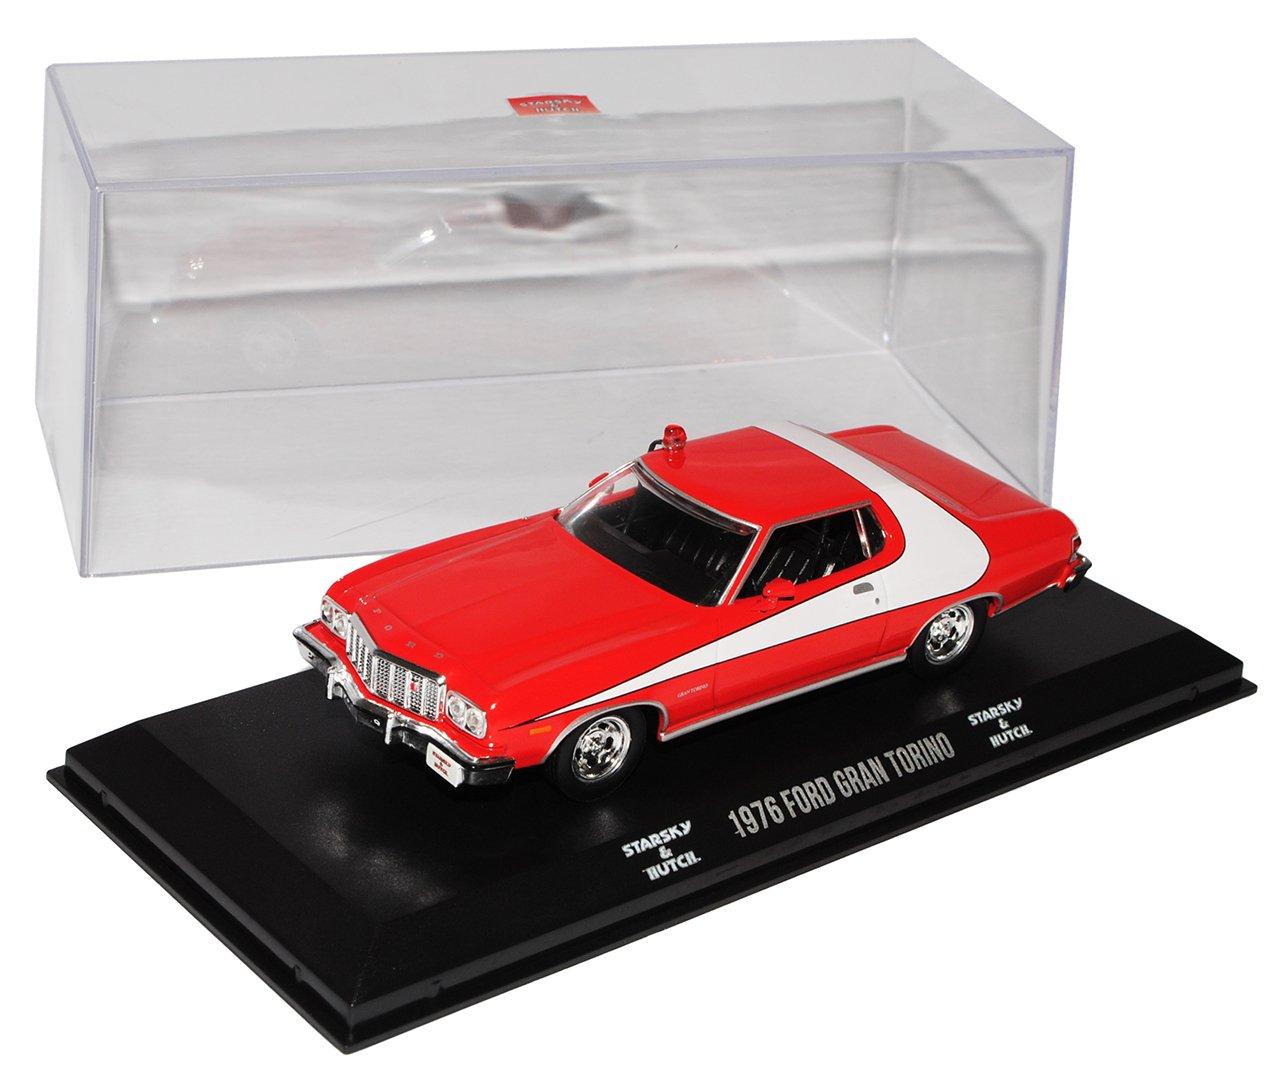 Ford Gran Torino Sport Coupe Rot Weiss Starsky Und Hutch 1976 1 43 1964 Greenlight Modell Auto Mit Individiuellem Wunschkennzeichen Spielzeug